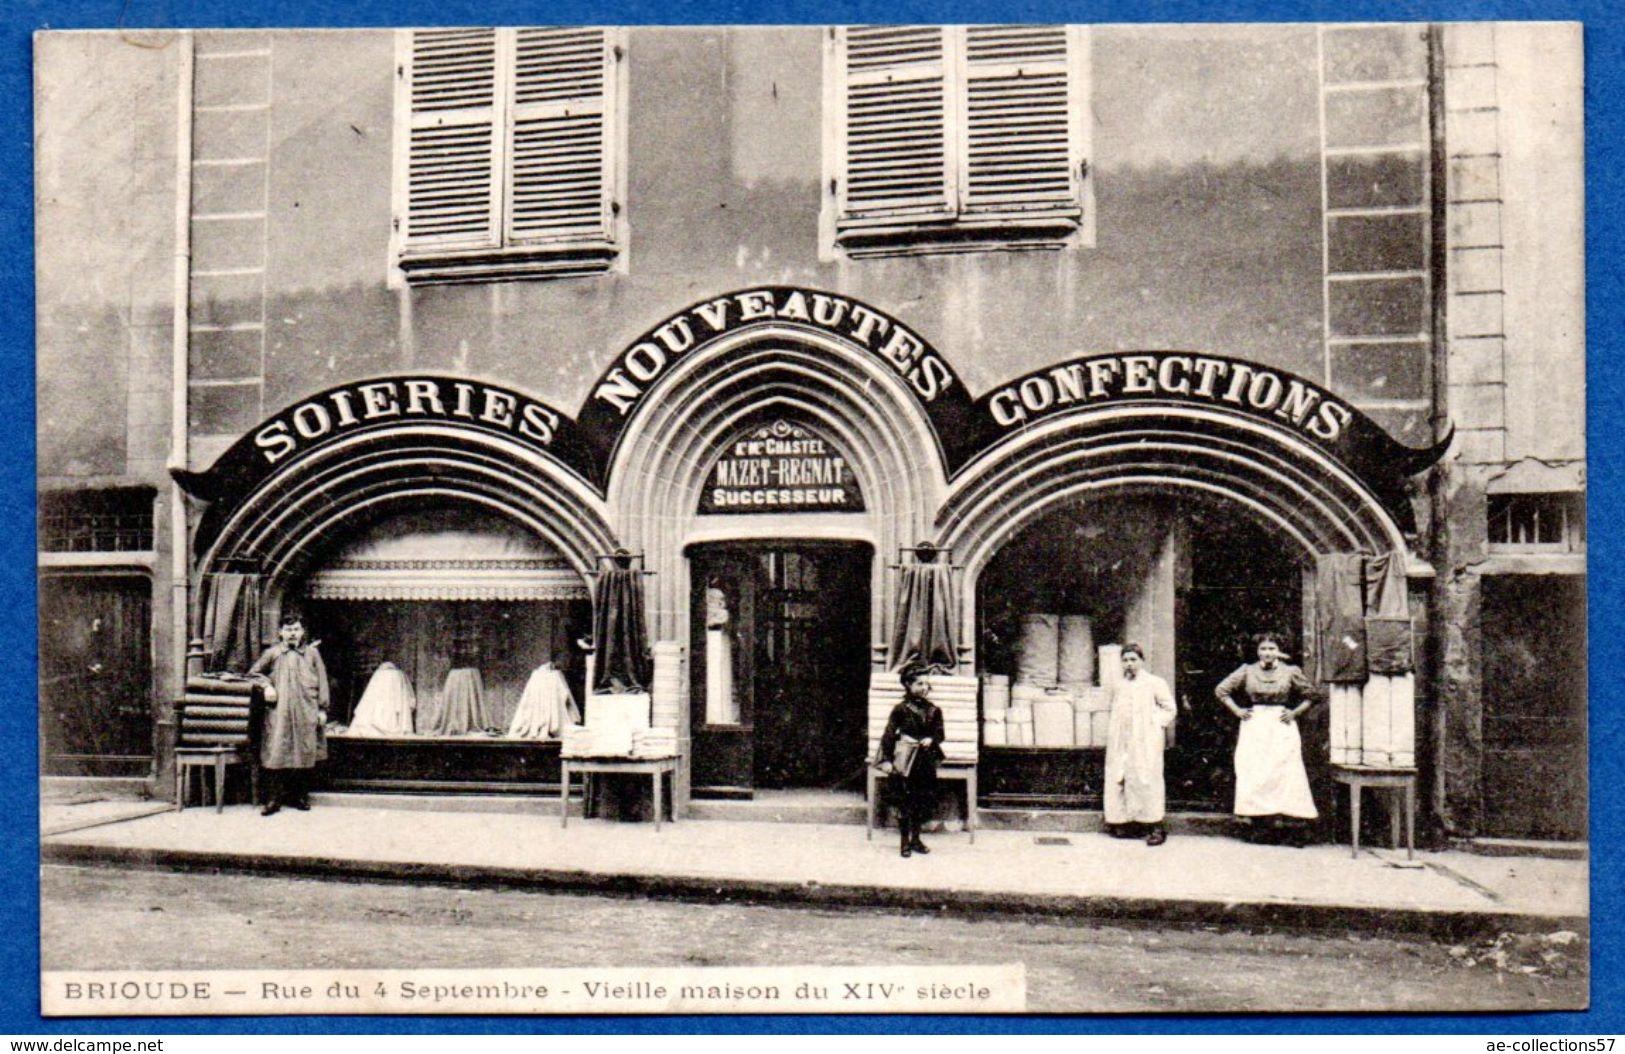 Brioude  / Rue Du 4 Septembre / Vieille Maison Du XIV Siècle / Chastel - Mazet-Regnat - Successeur / Soiries Confections - Brioude